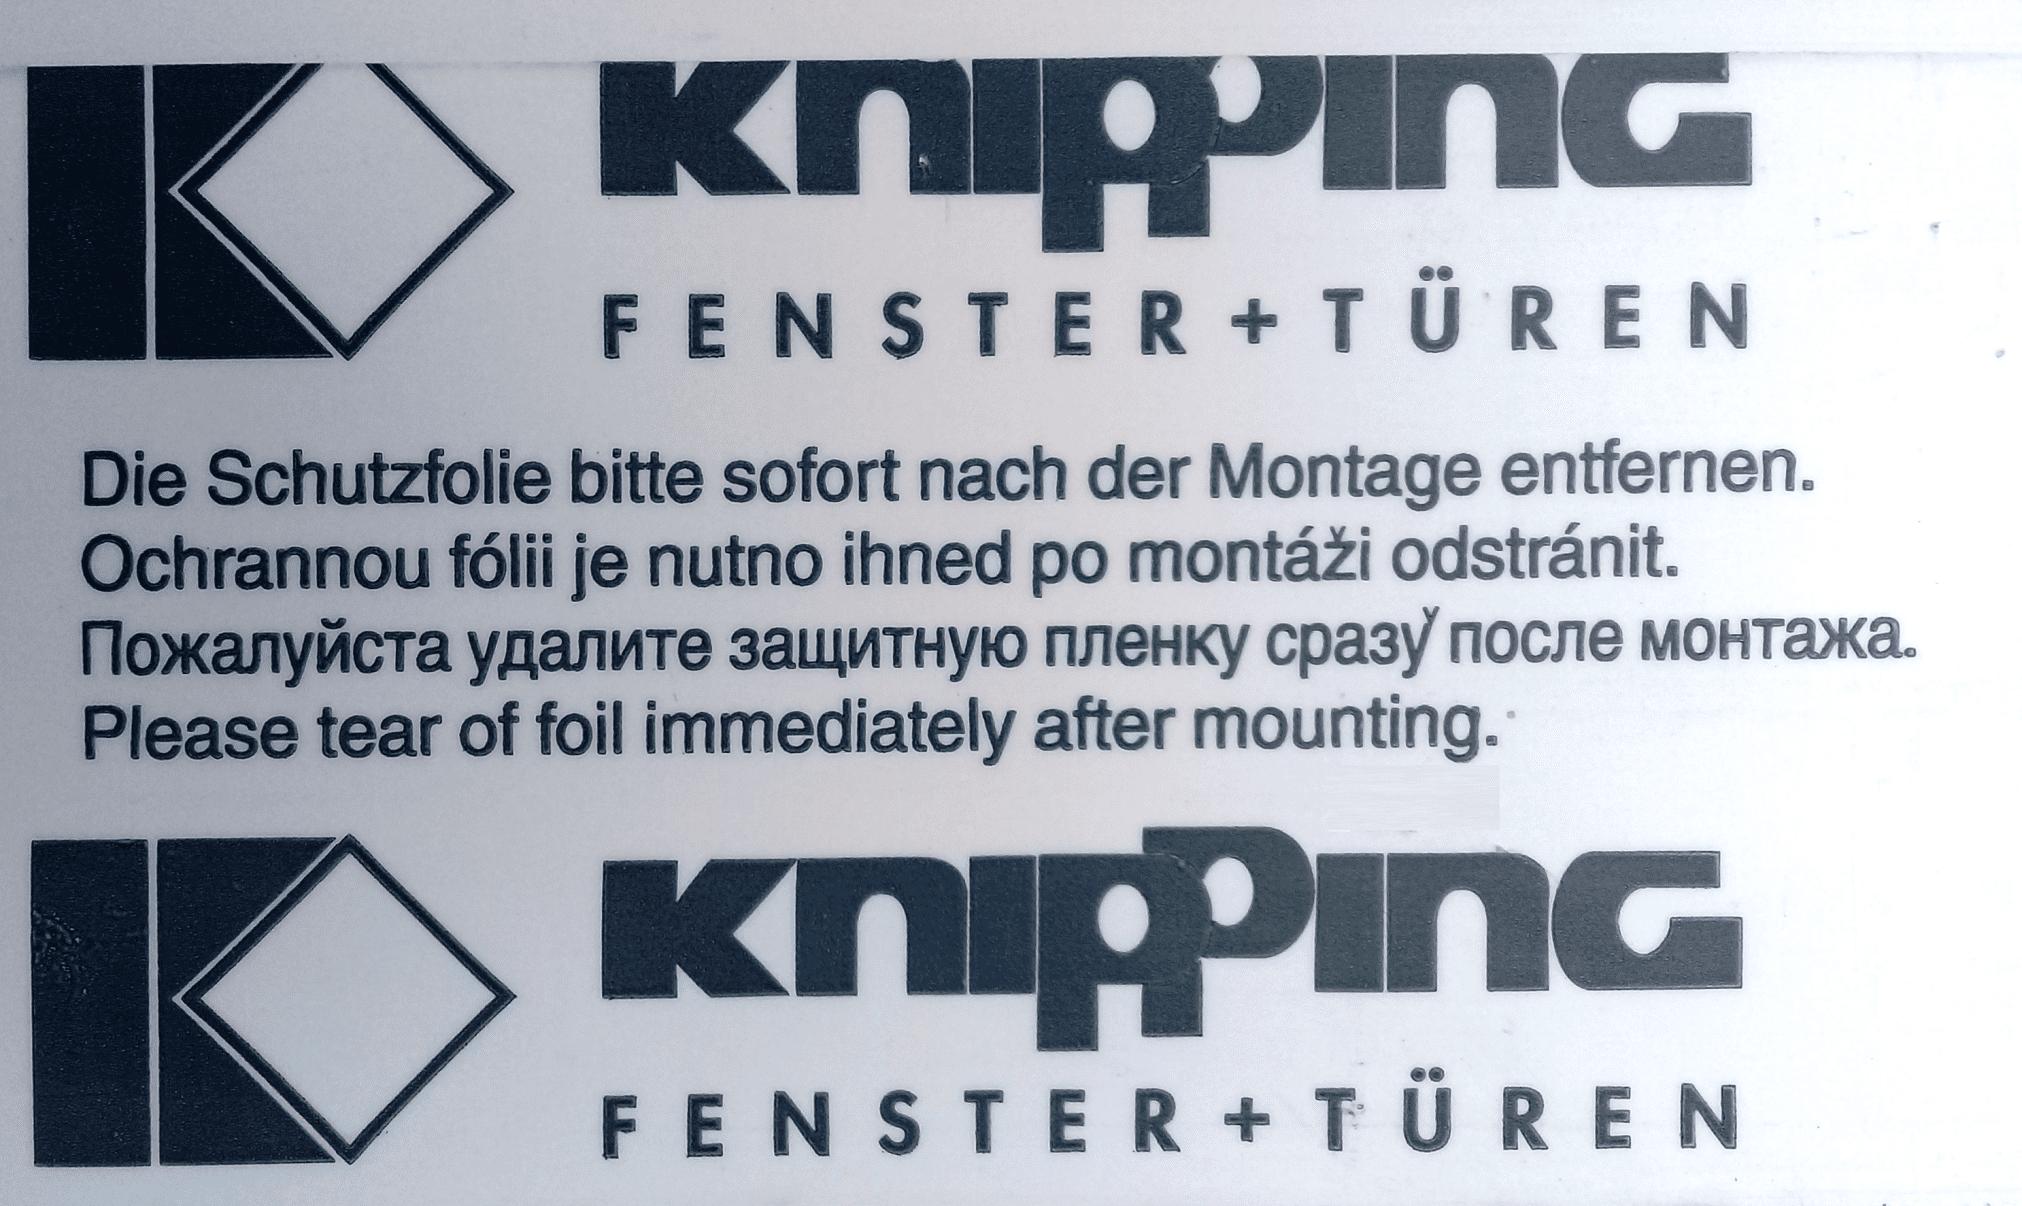 Фотография профиля КБЕ Книппинг